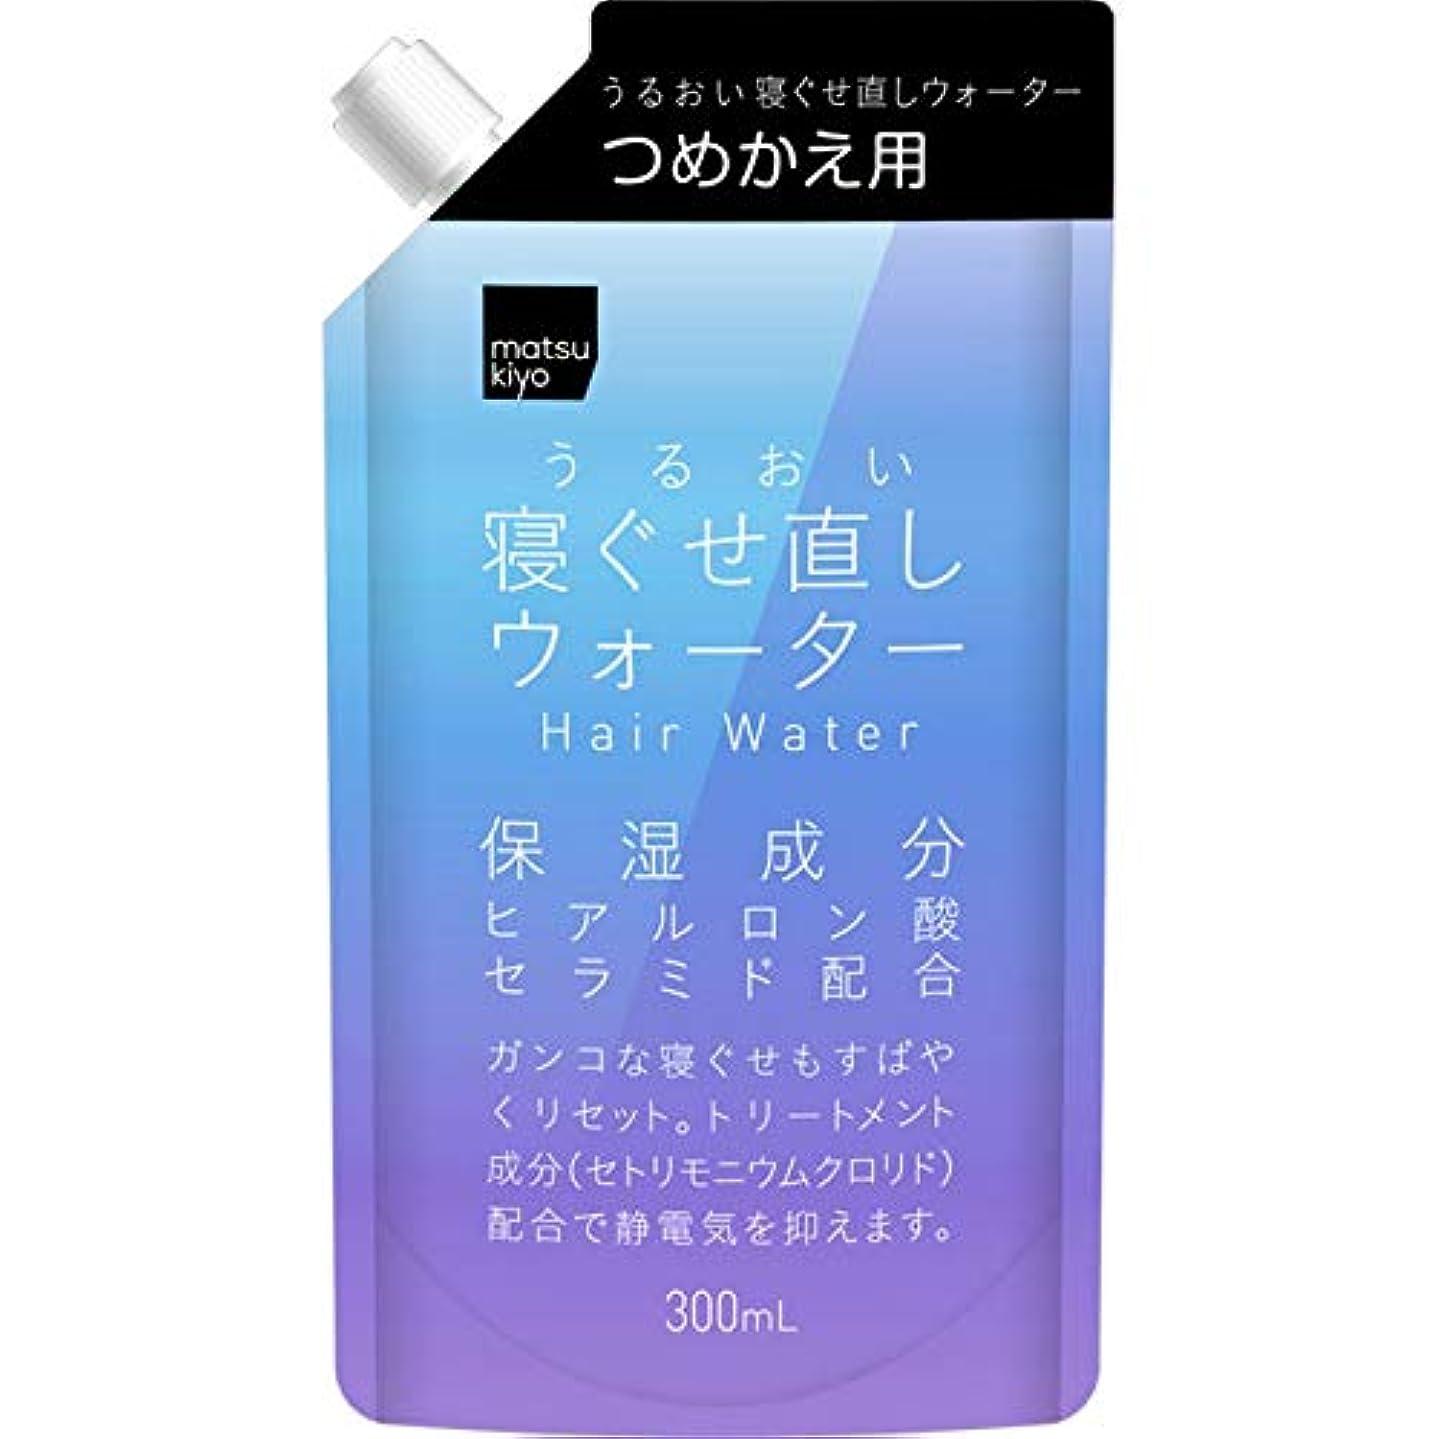 含む嫉妬まともなmatsukiyo アレンジプラス 寝ぐせ直しウォーター 300ml詰替